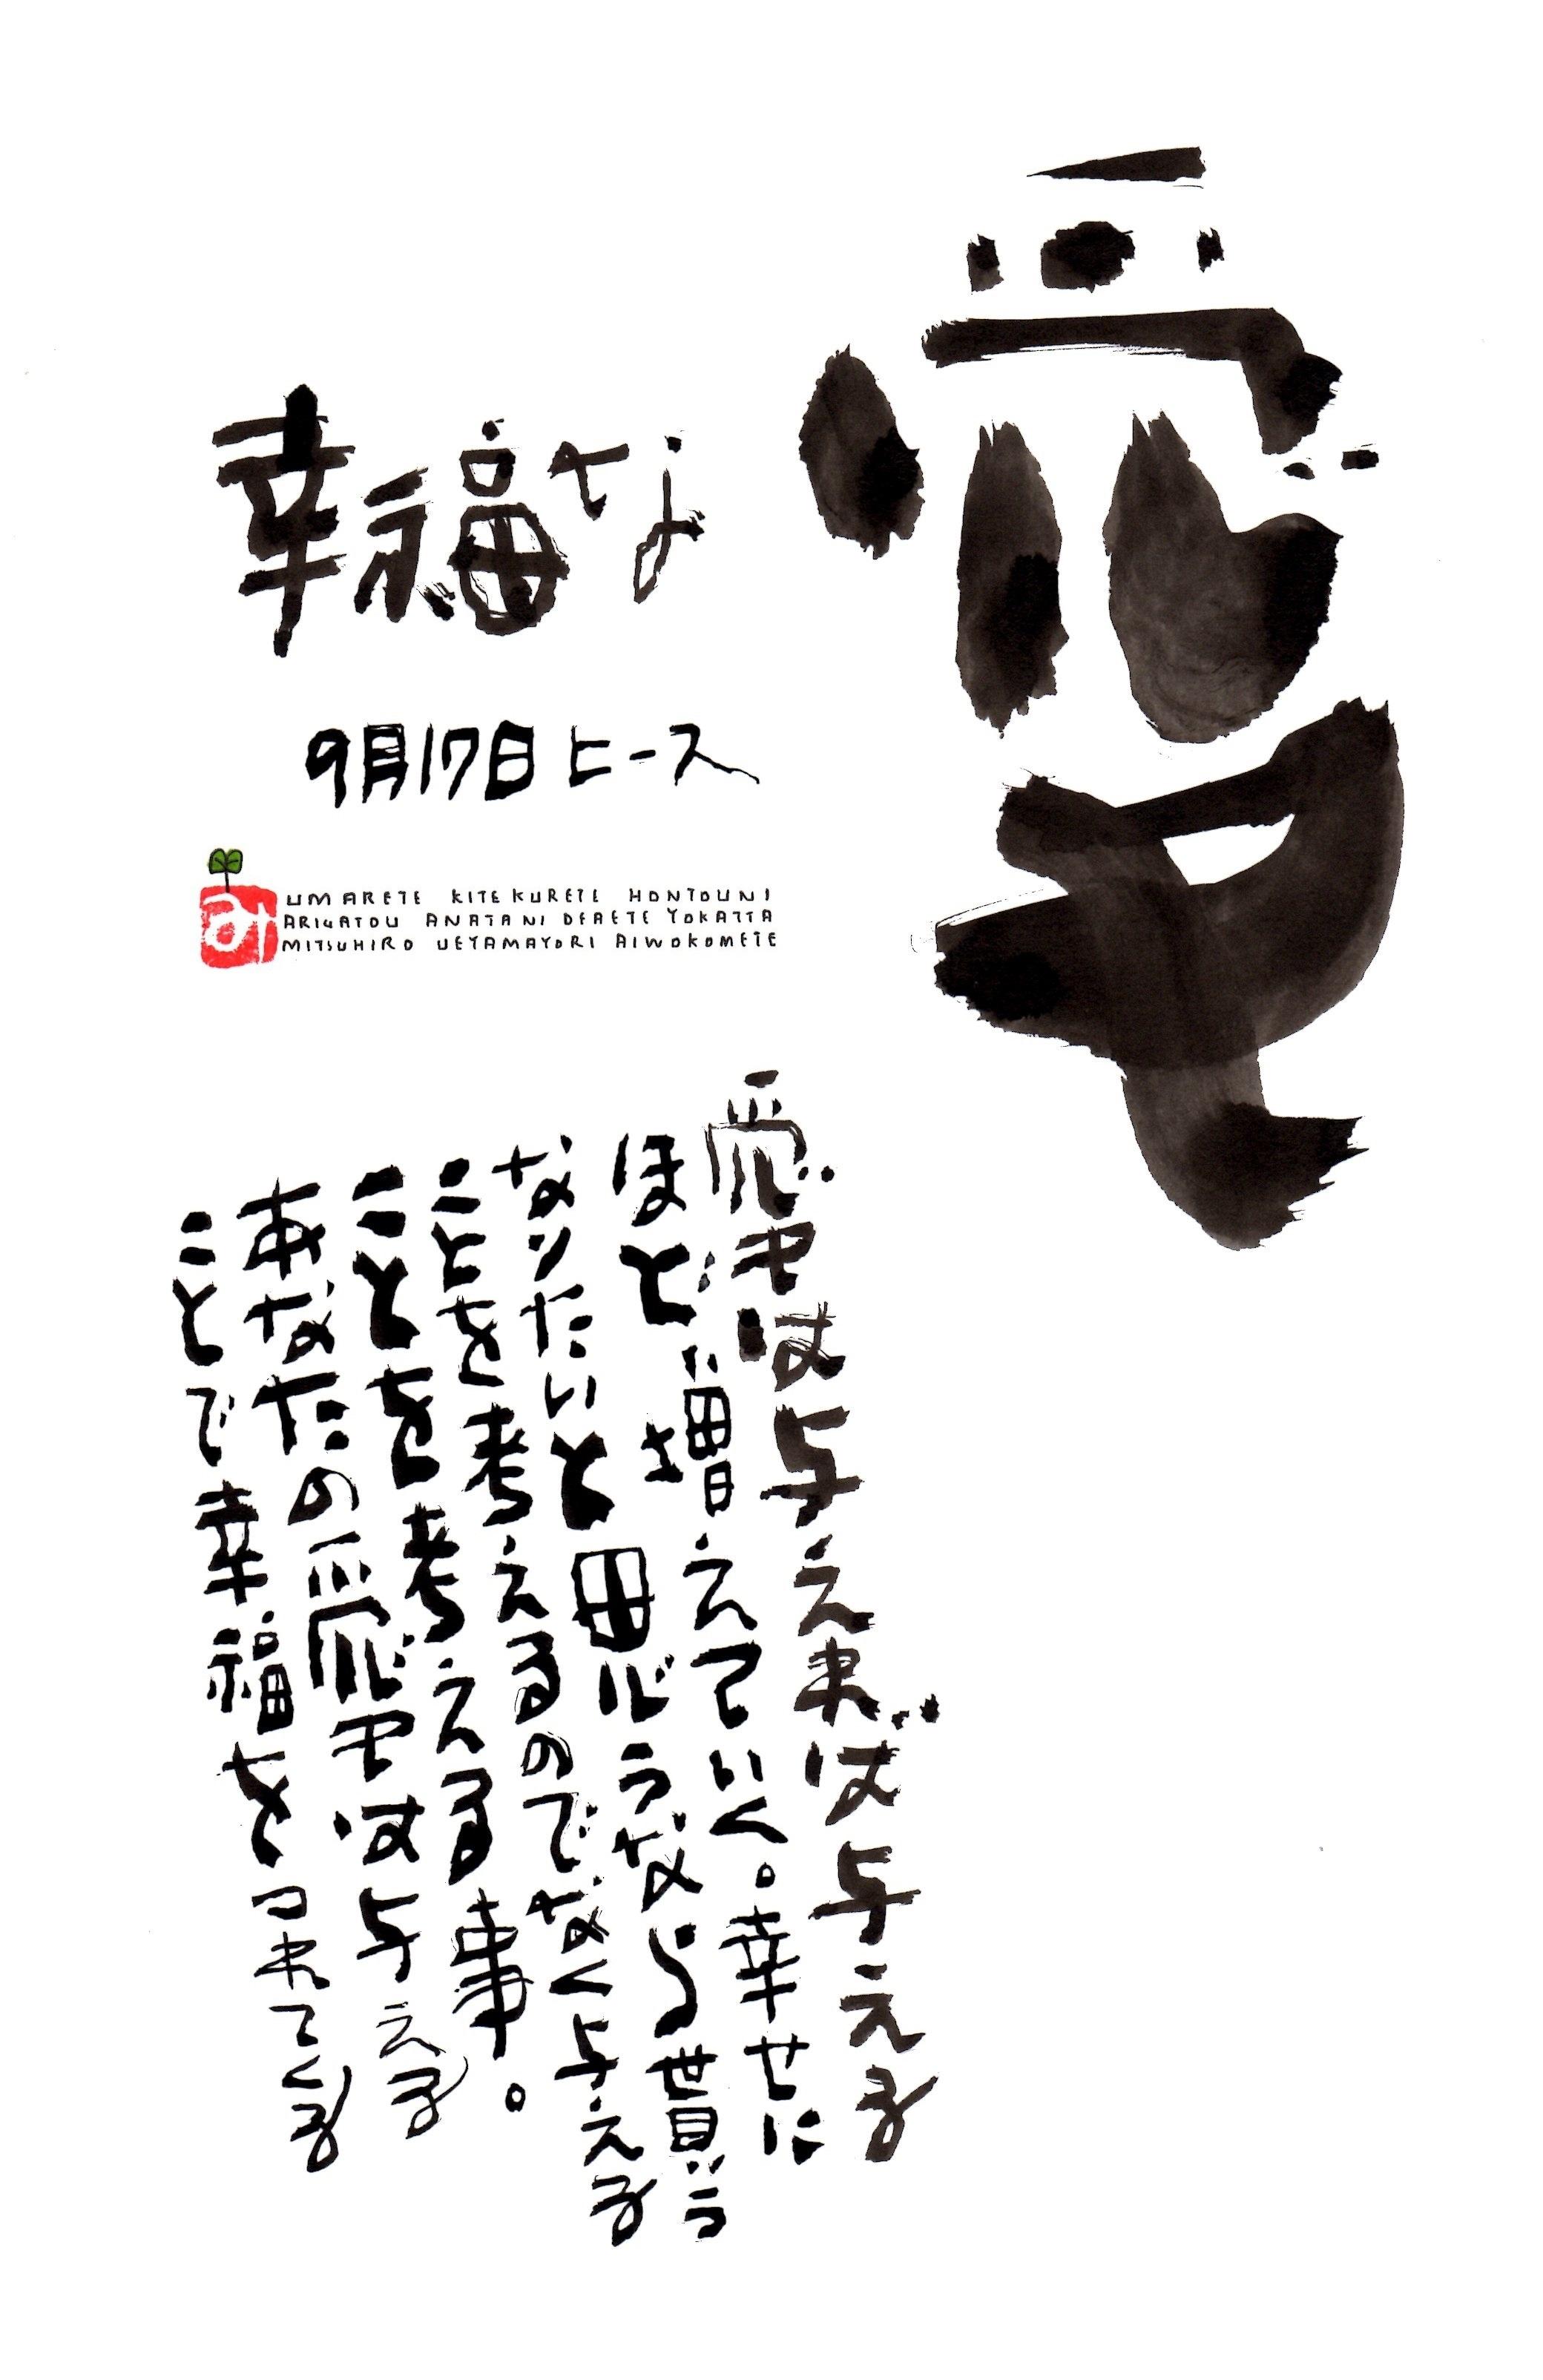 9月17日 誕生日ポストカード【幸福な愛】Happy love